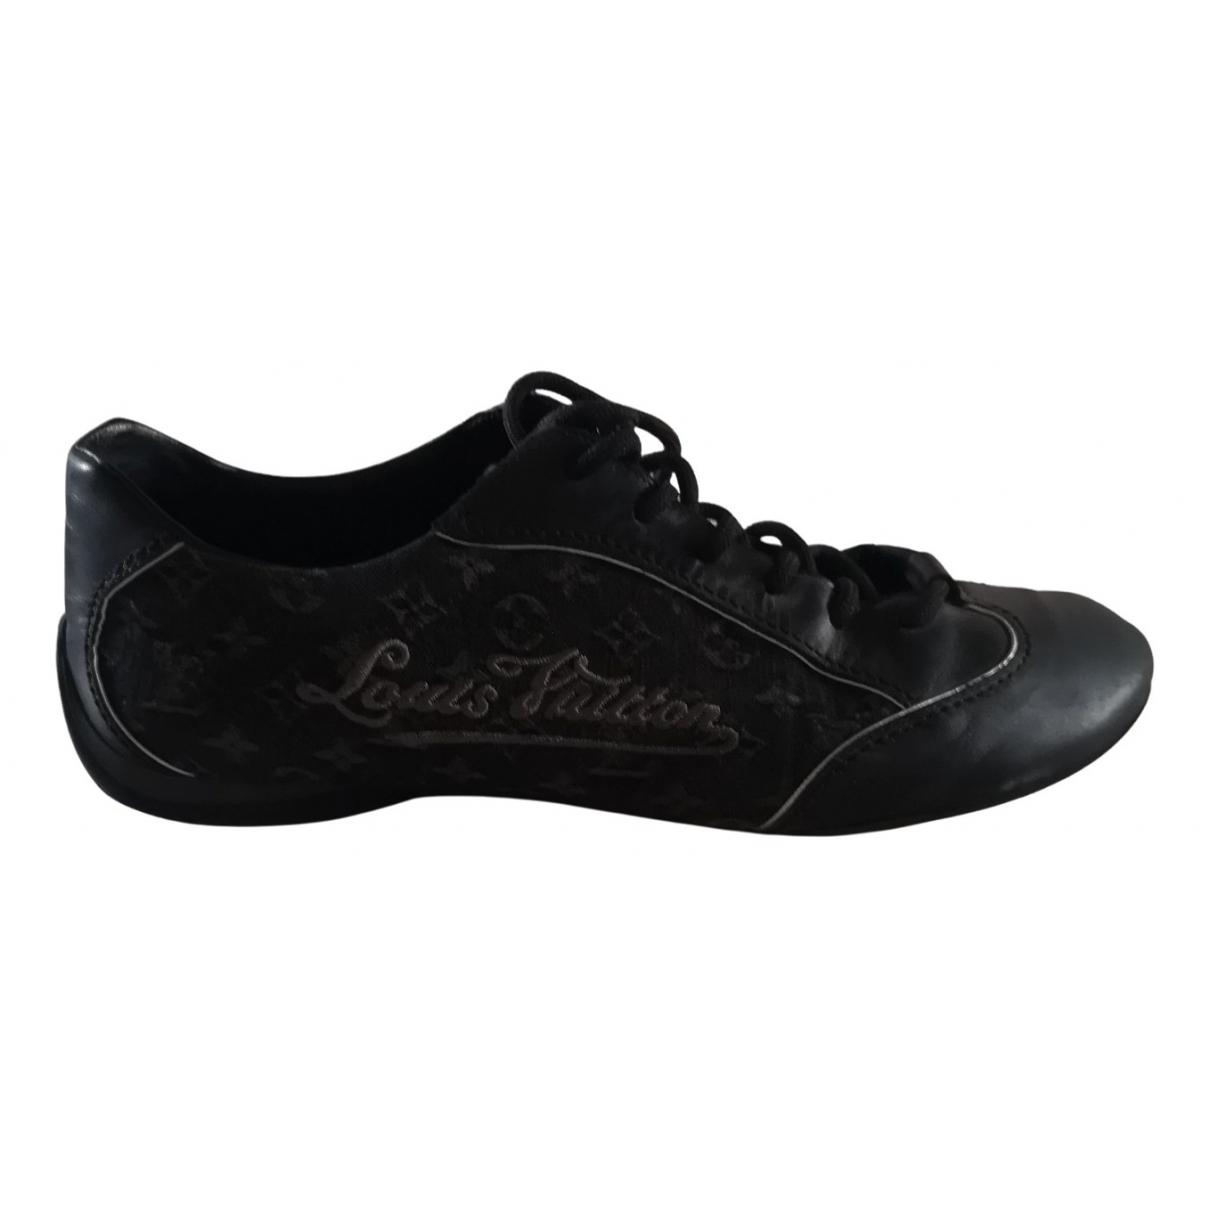 Louis Vuitton - Baskets   pour femme en toile - noir